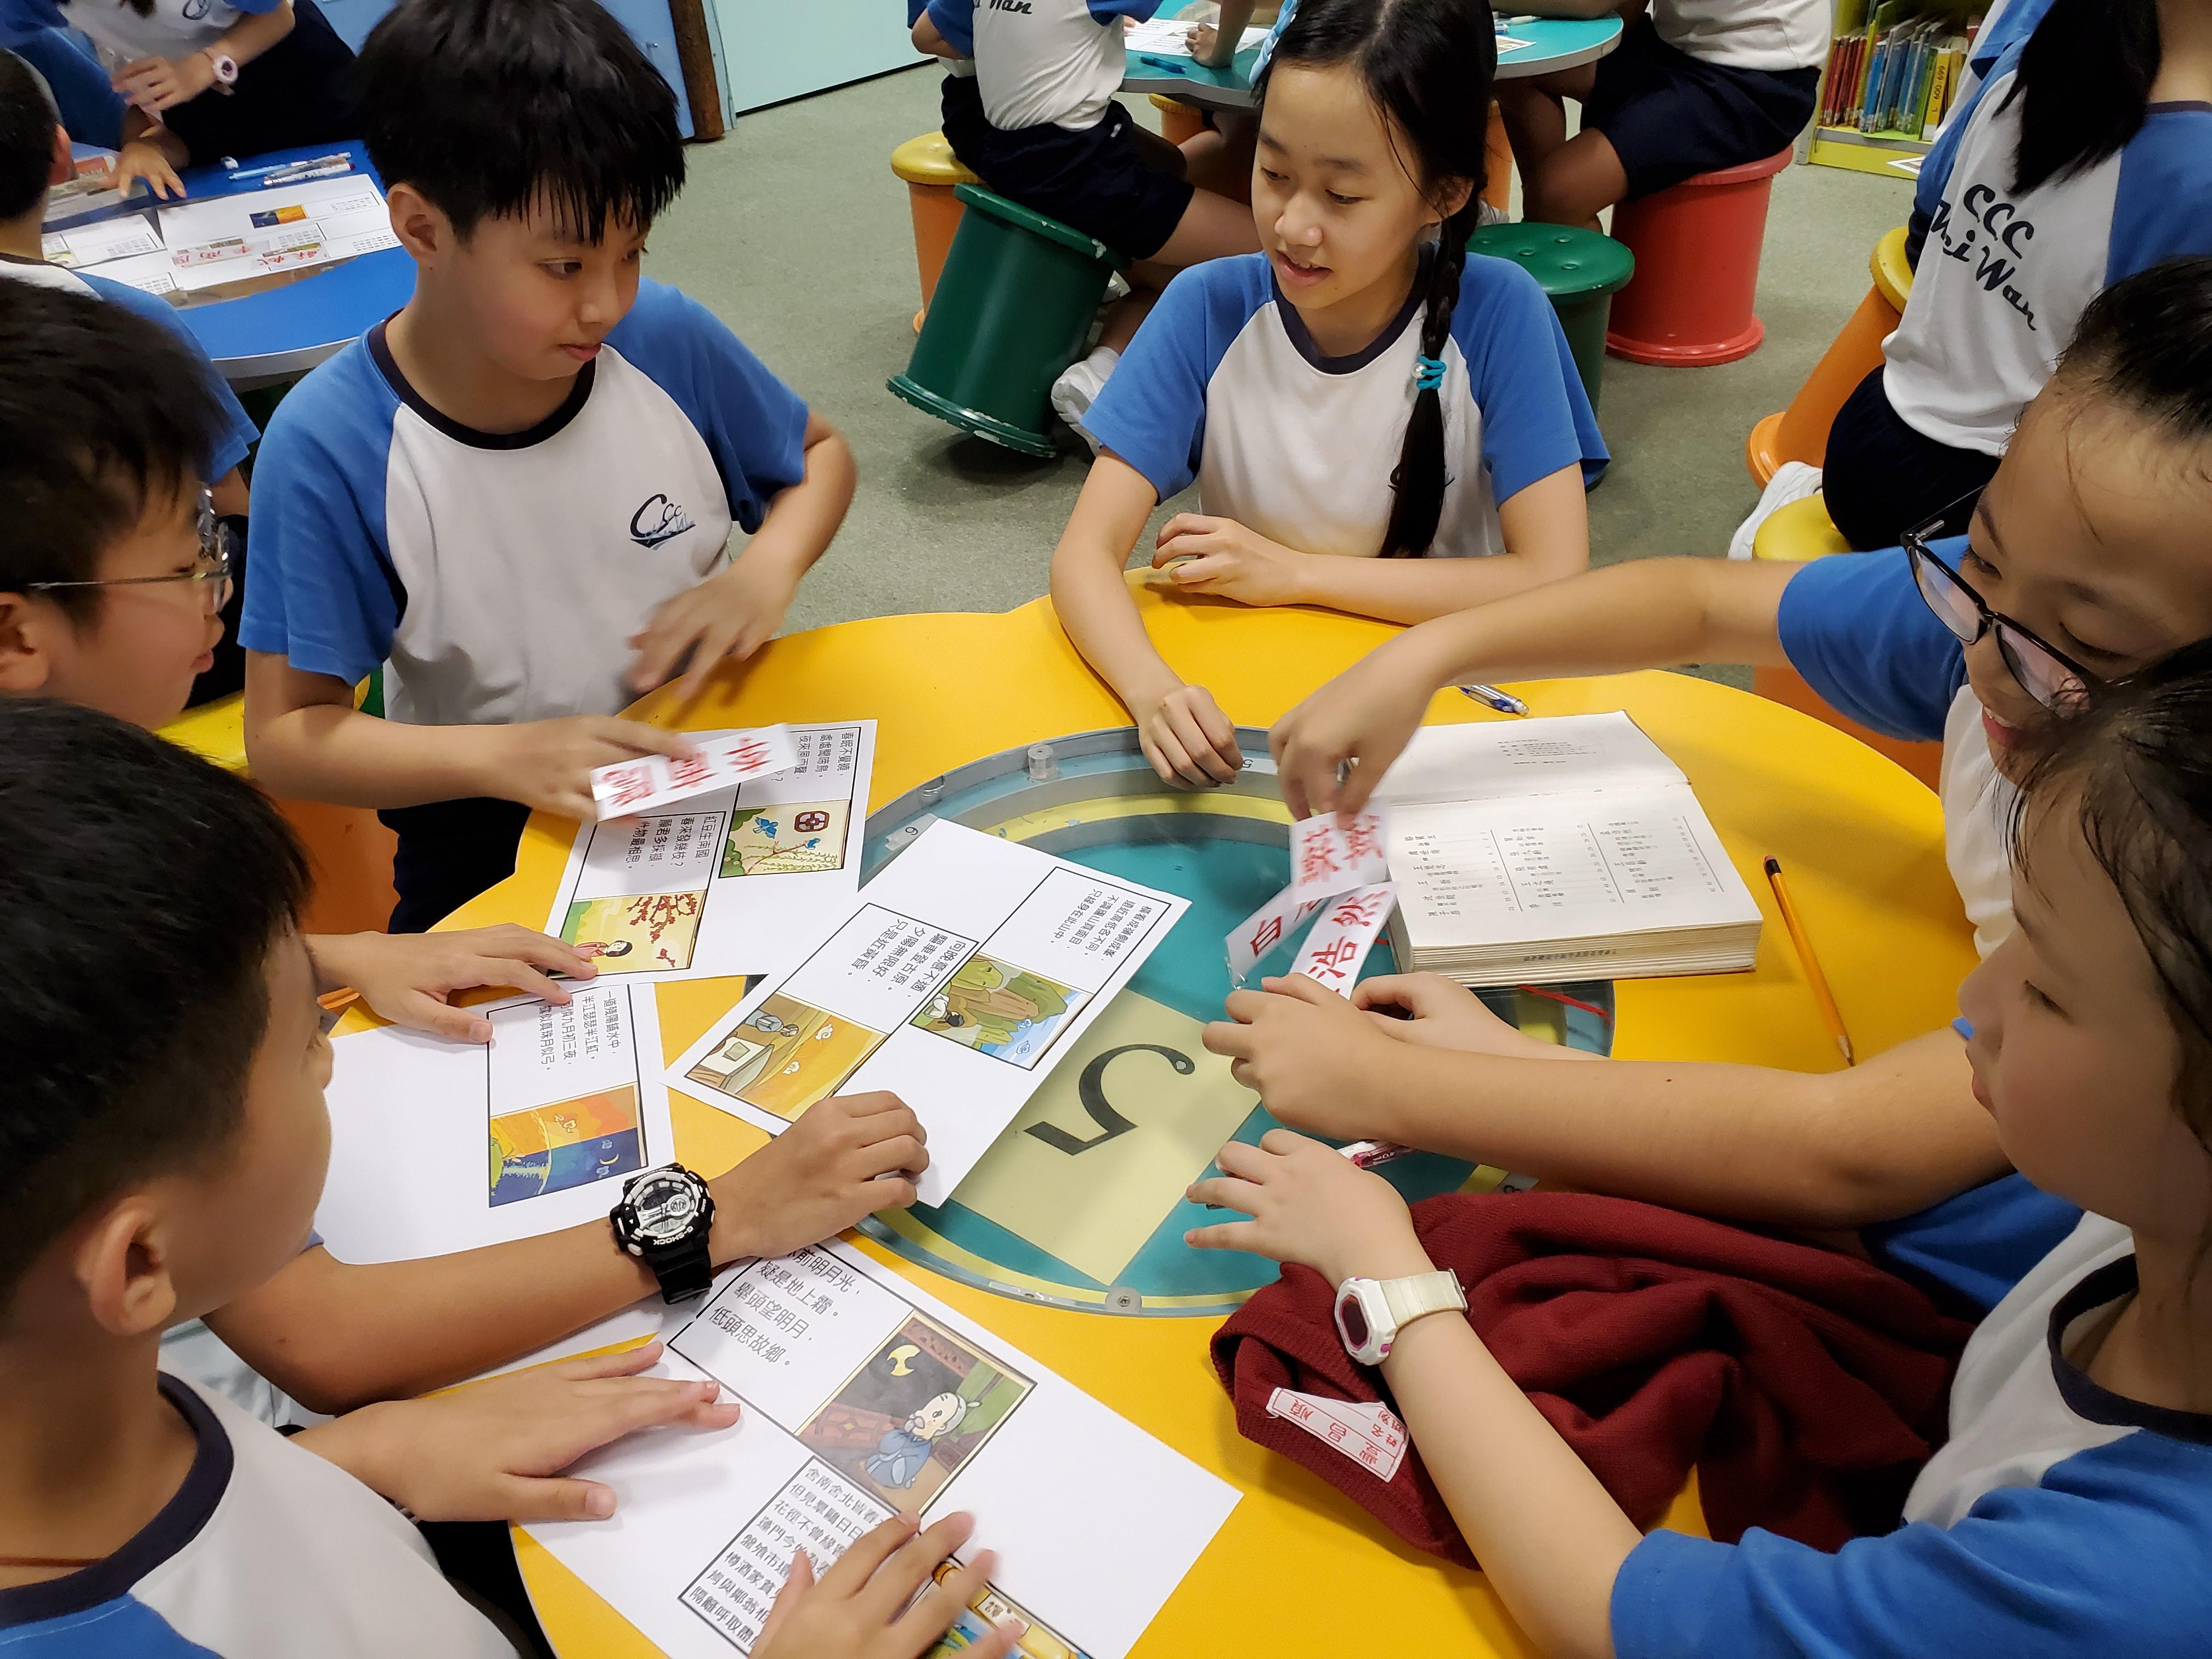 http://www.keiwan.edu.hk/sites/default/files/20191023_145944.jpg